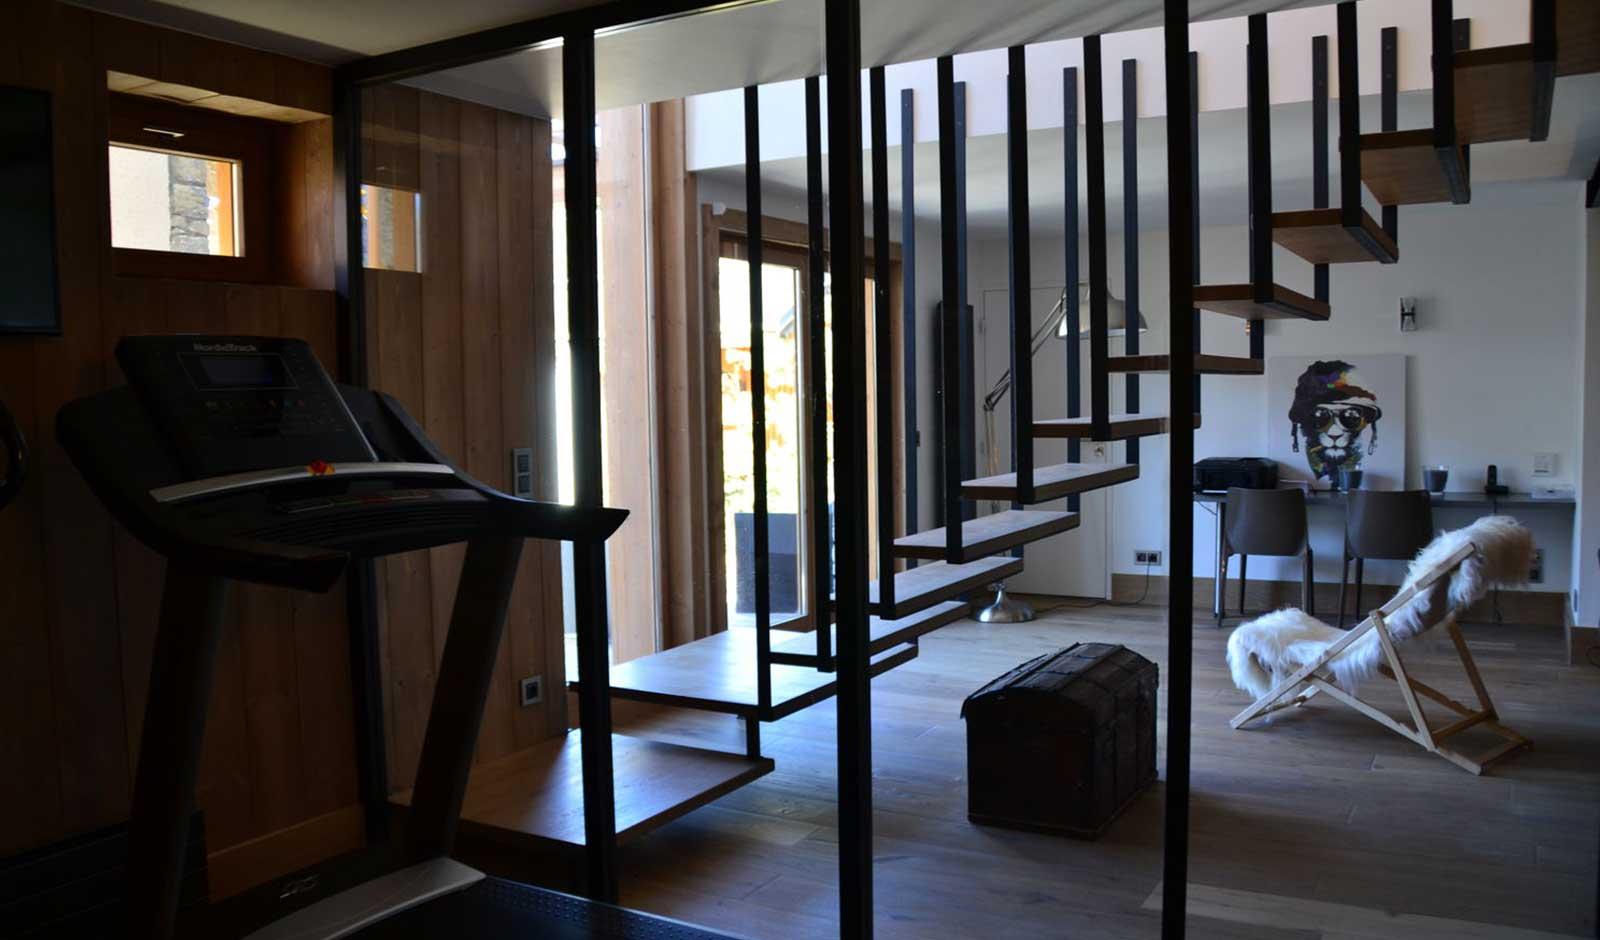 chalet-le-bachal-4-atelier-crea-and-co-architecte-design-project-manager-meribel-savoie